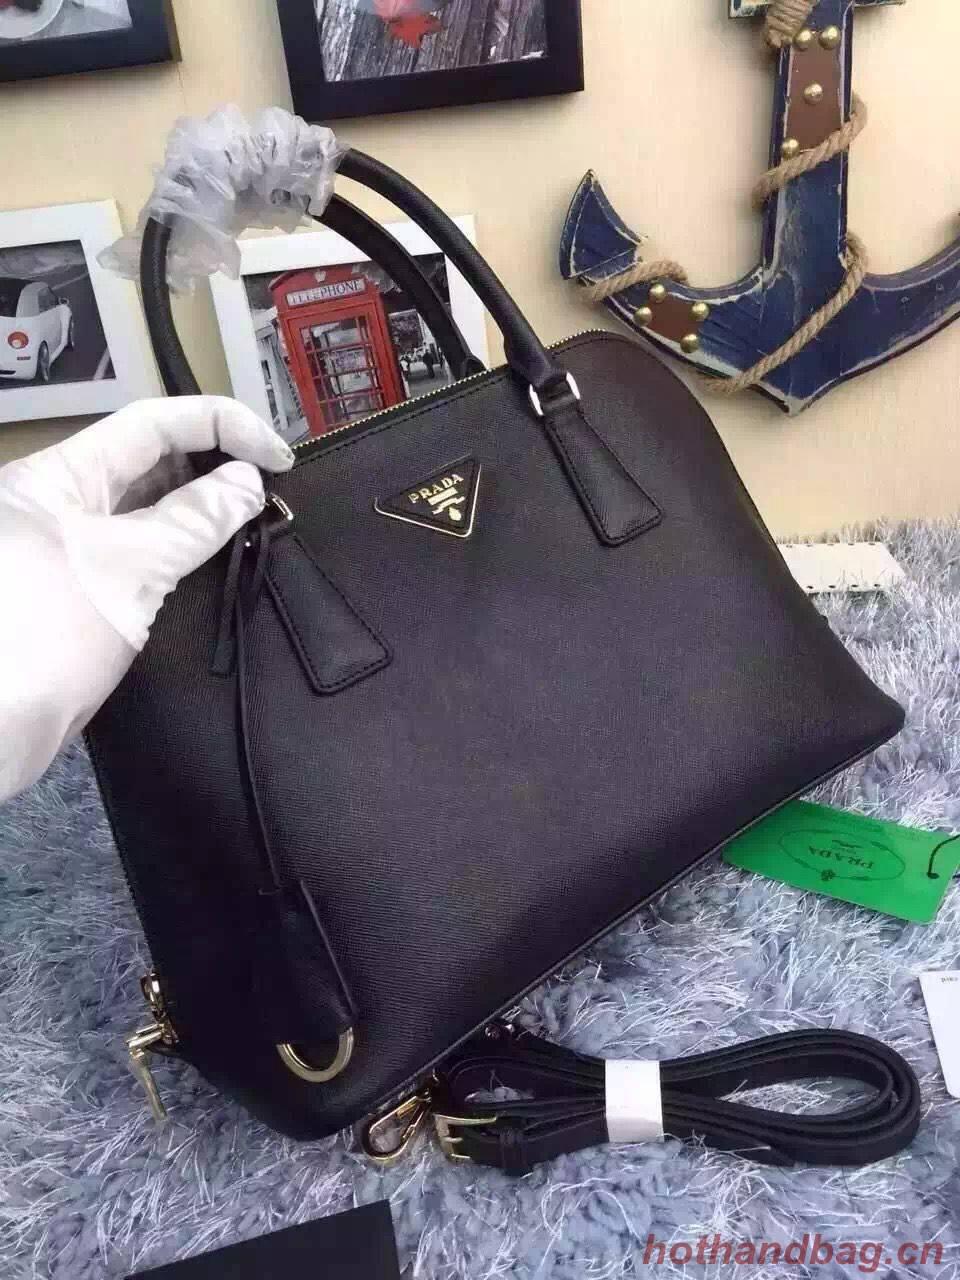 Prada Original Leather Medium Shell Bag P0837 Black